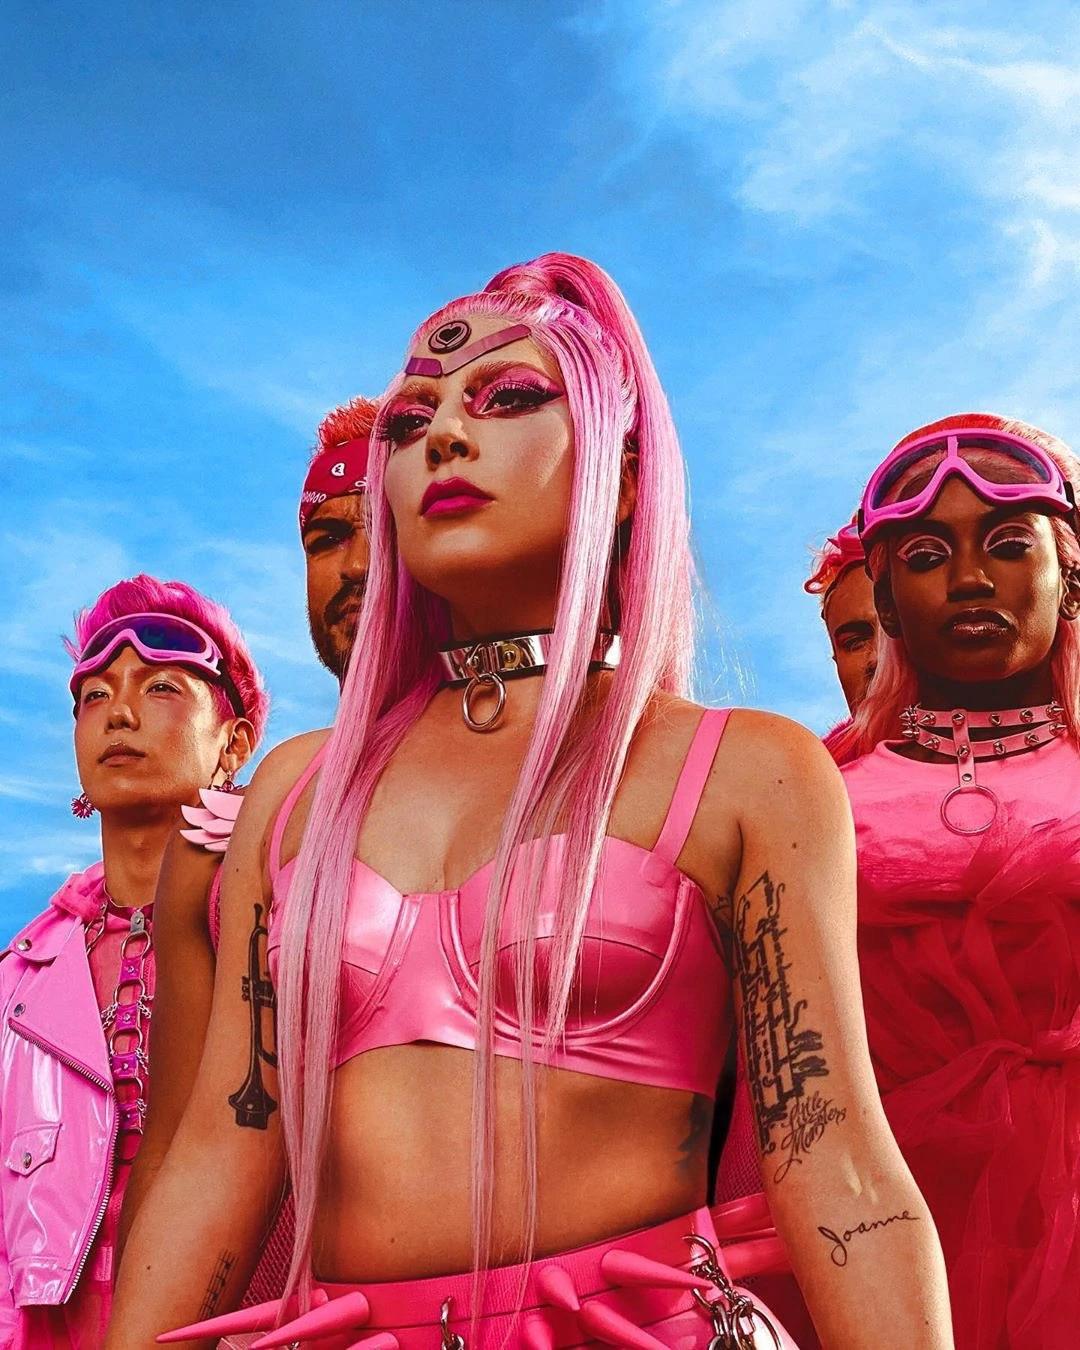 """Todo lo que necesitas saber sobre """"Chromatica"""", el nuevo álbum de Lady Gaga"""